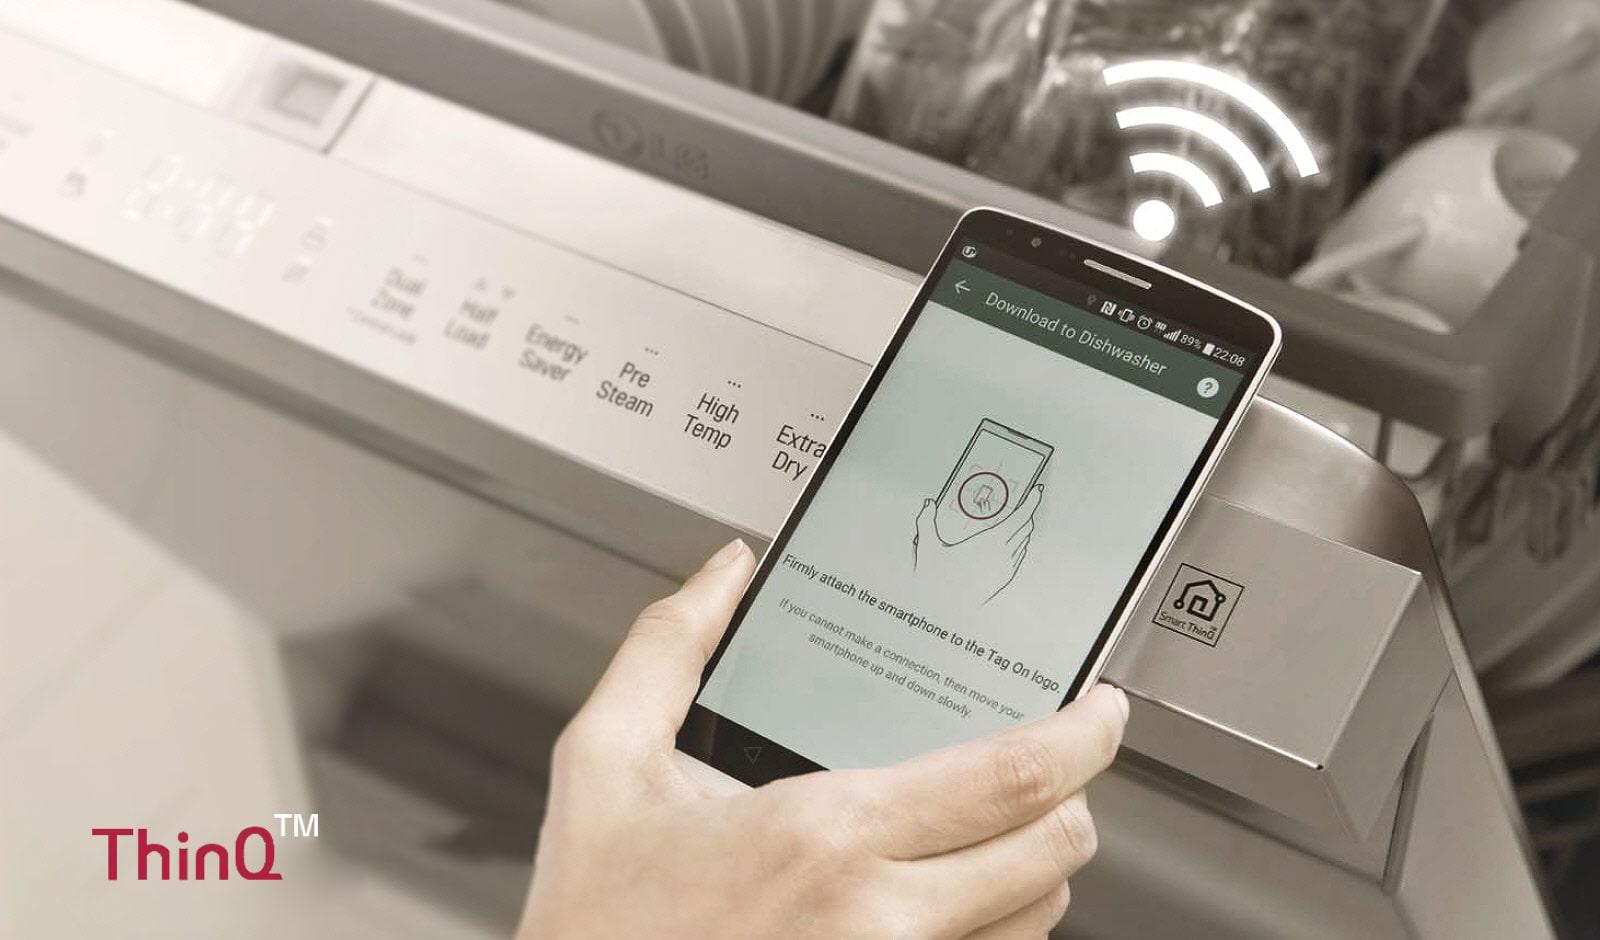 الابتكار من أجل منزل أكثر ذكاء، متصل مع بعضه البعض